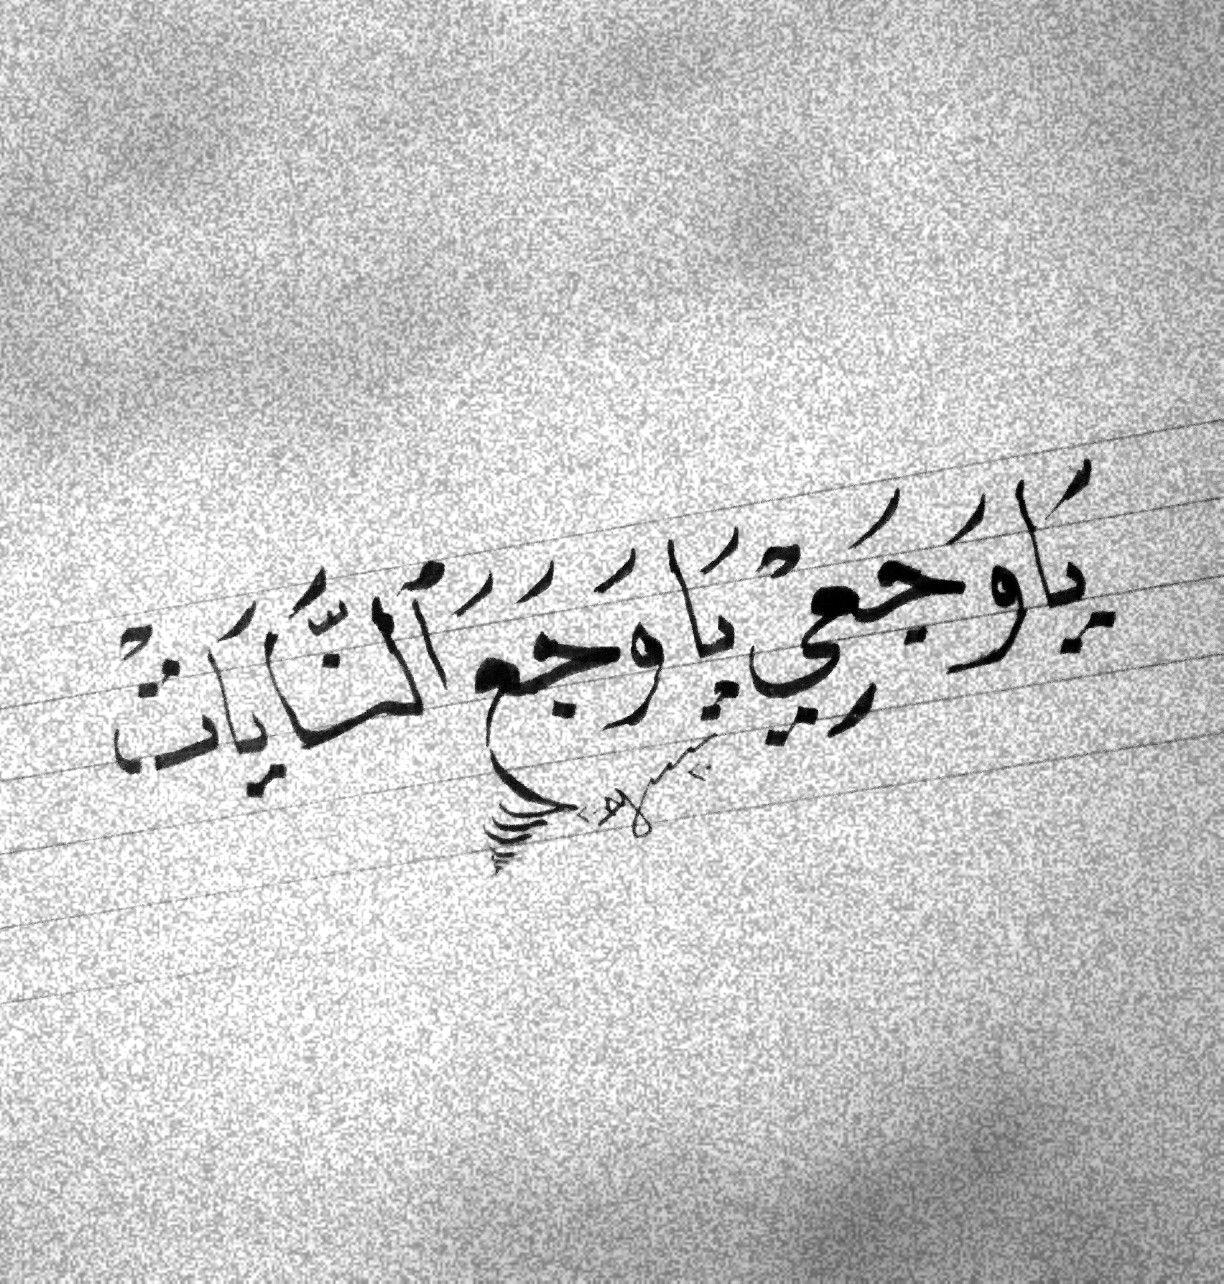 يا وجعي يا وجع النايات #كاظم الساهر انا وليلى